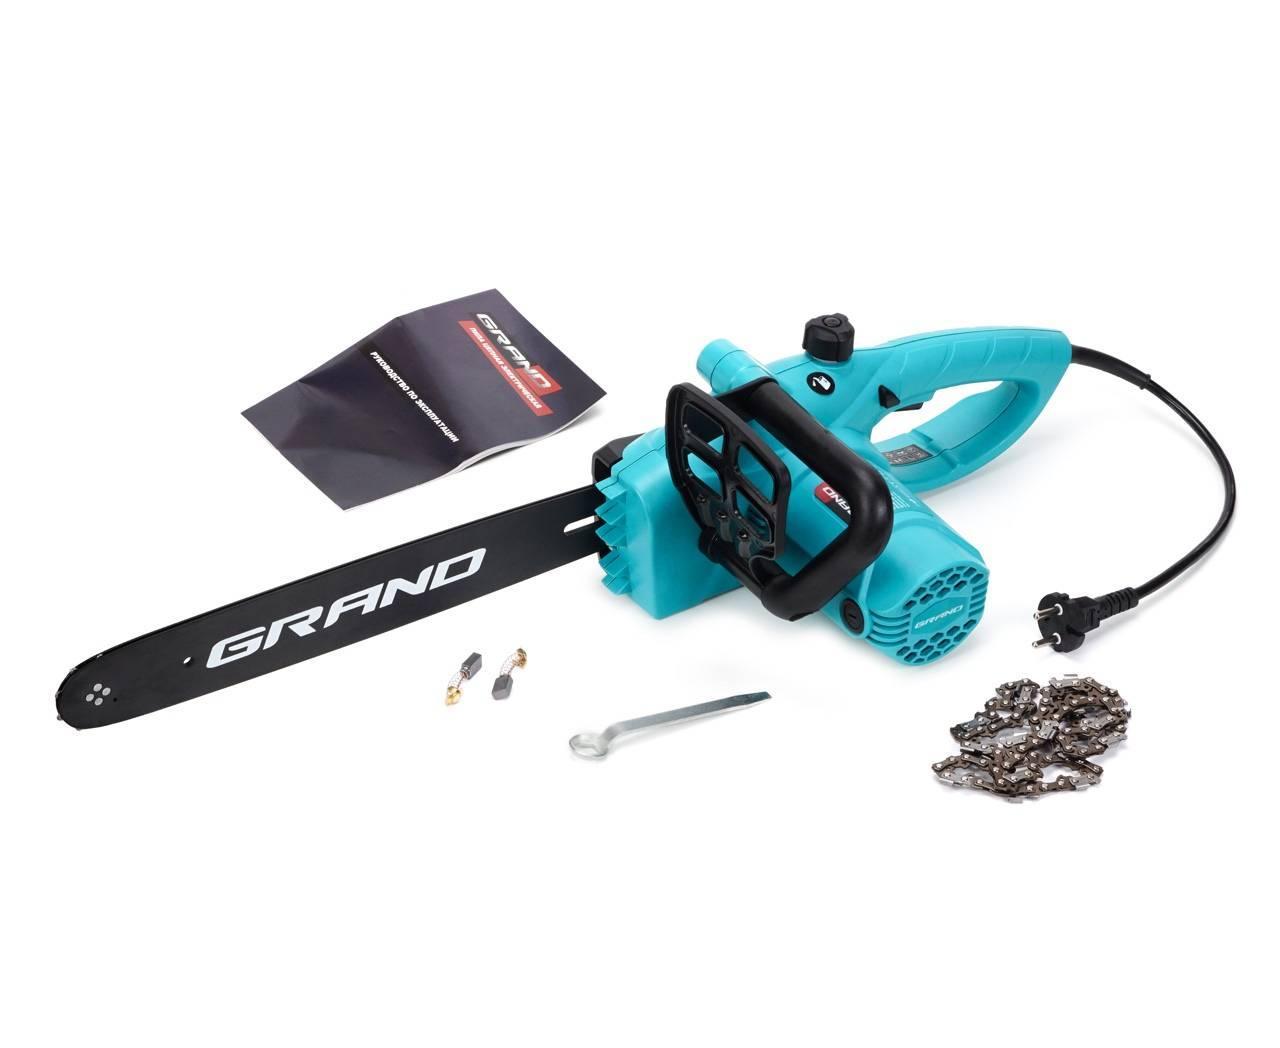 Электропила GRAND ПЦ-2100 (1 Шина, 1 Цепь)